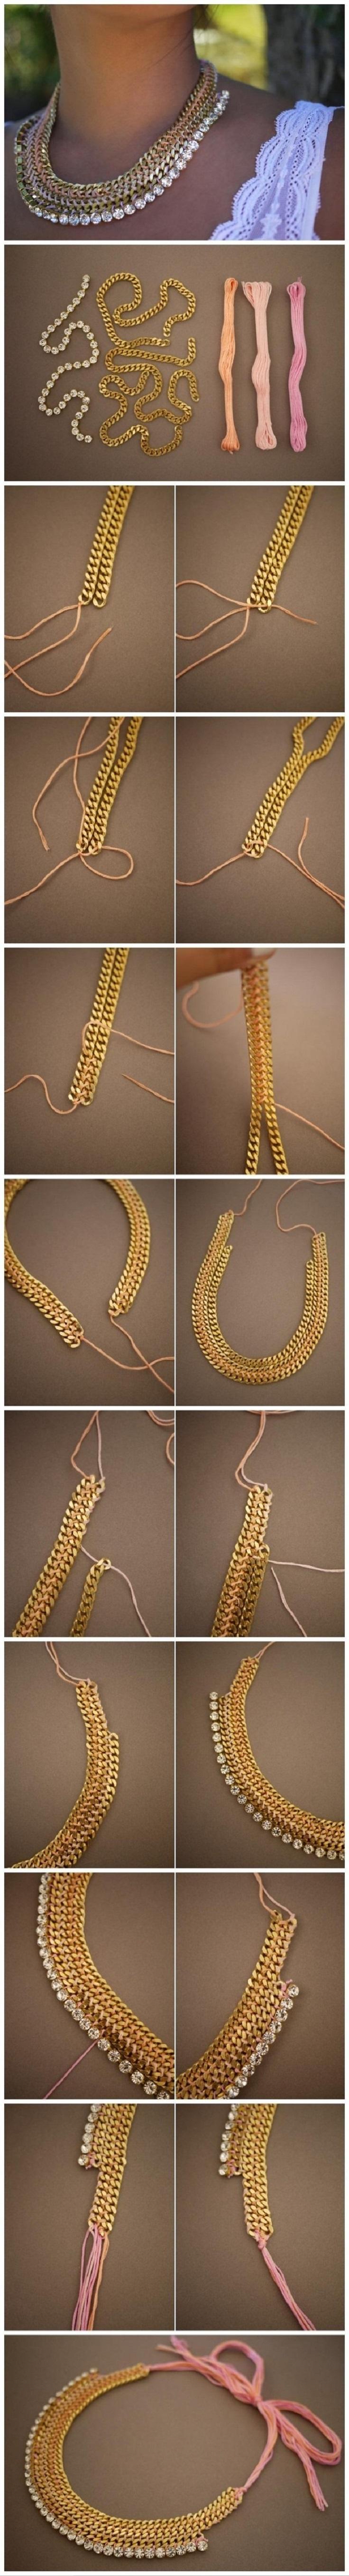 Top 10 Best Tutorials for DIY Necklaces